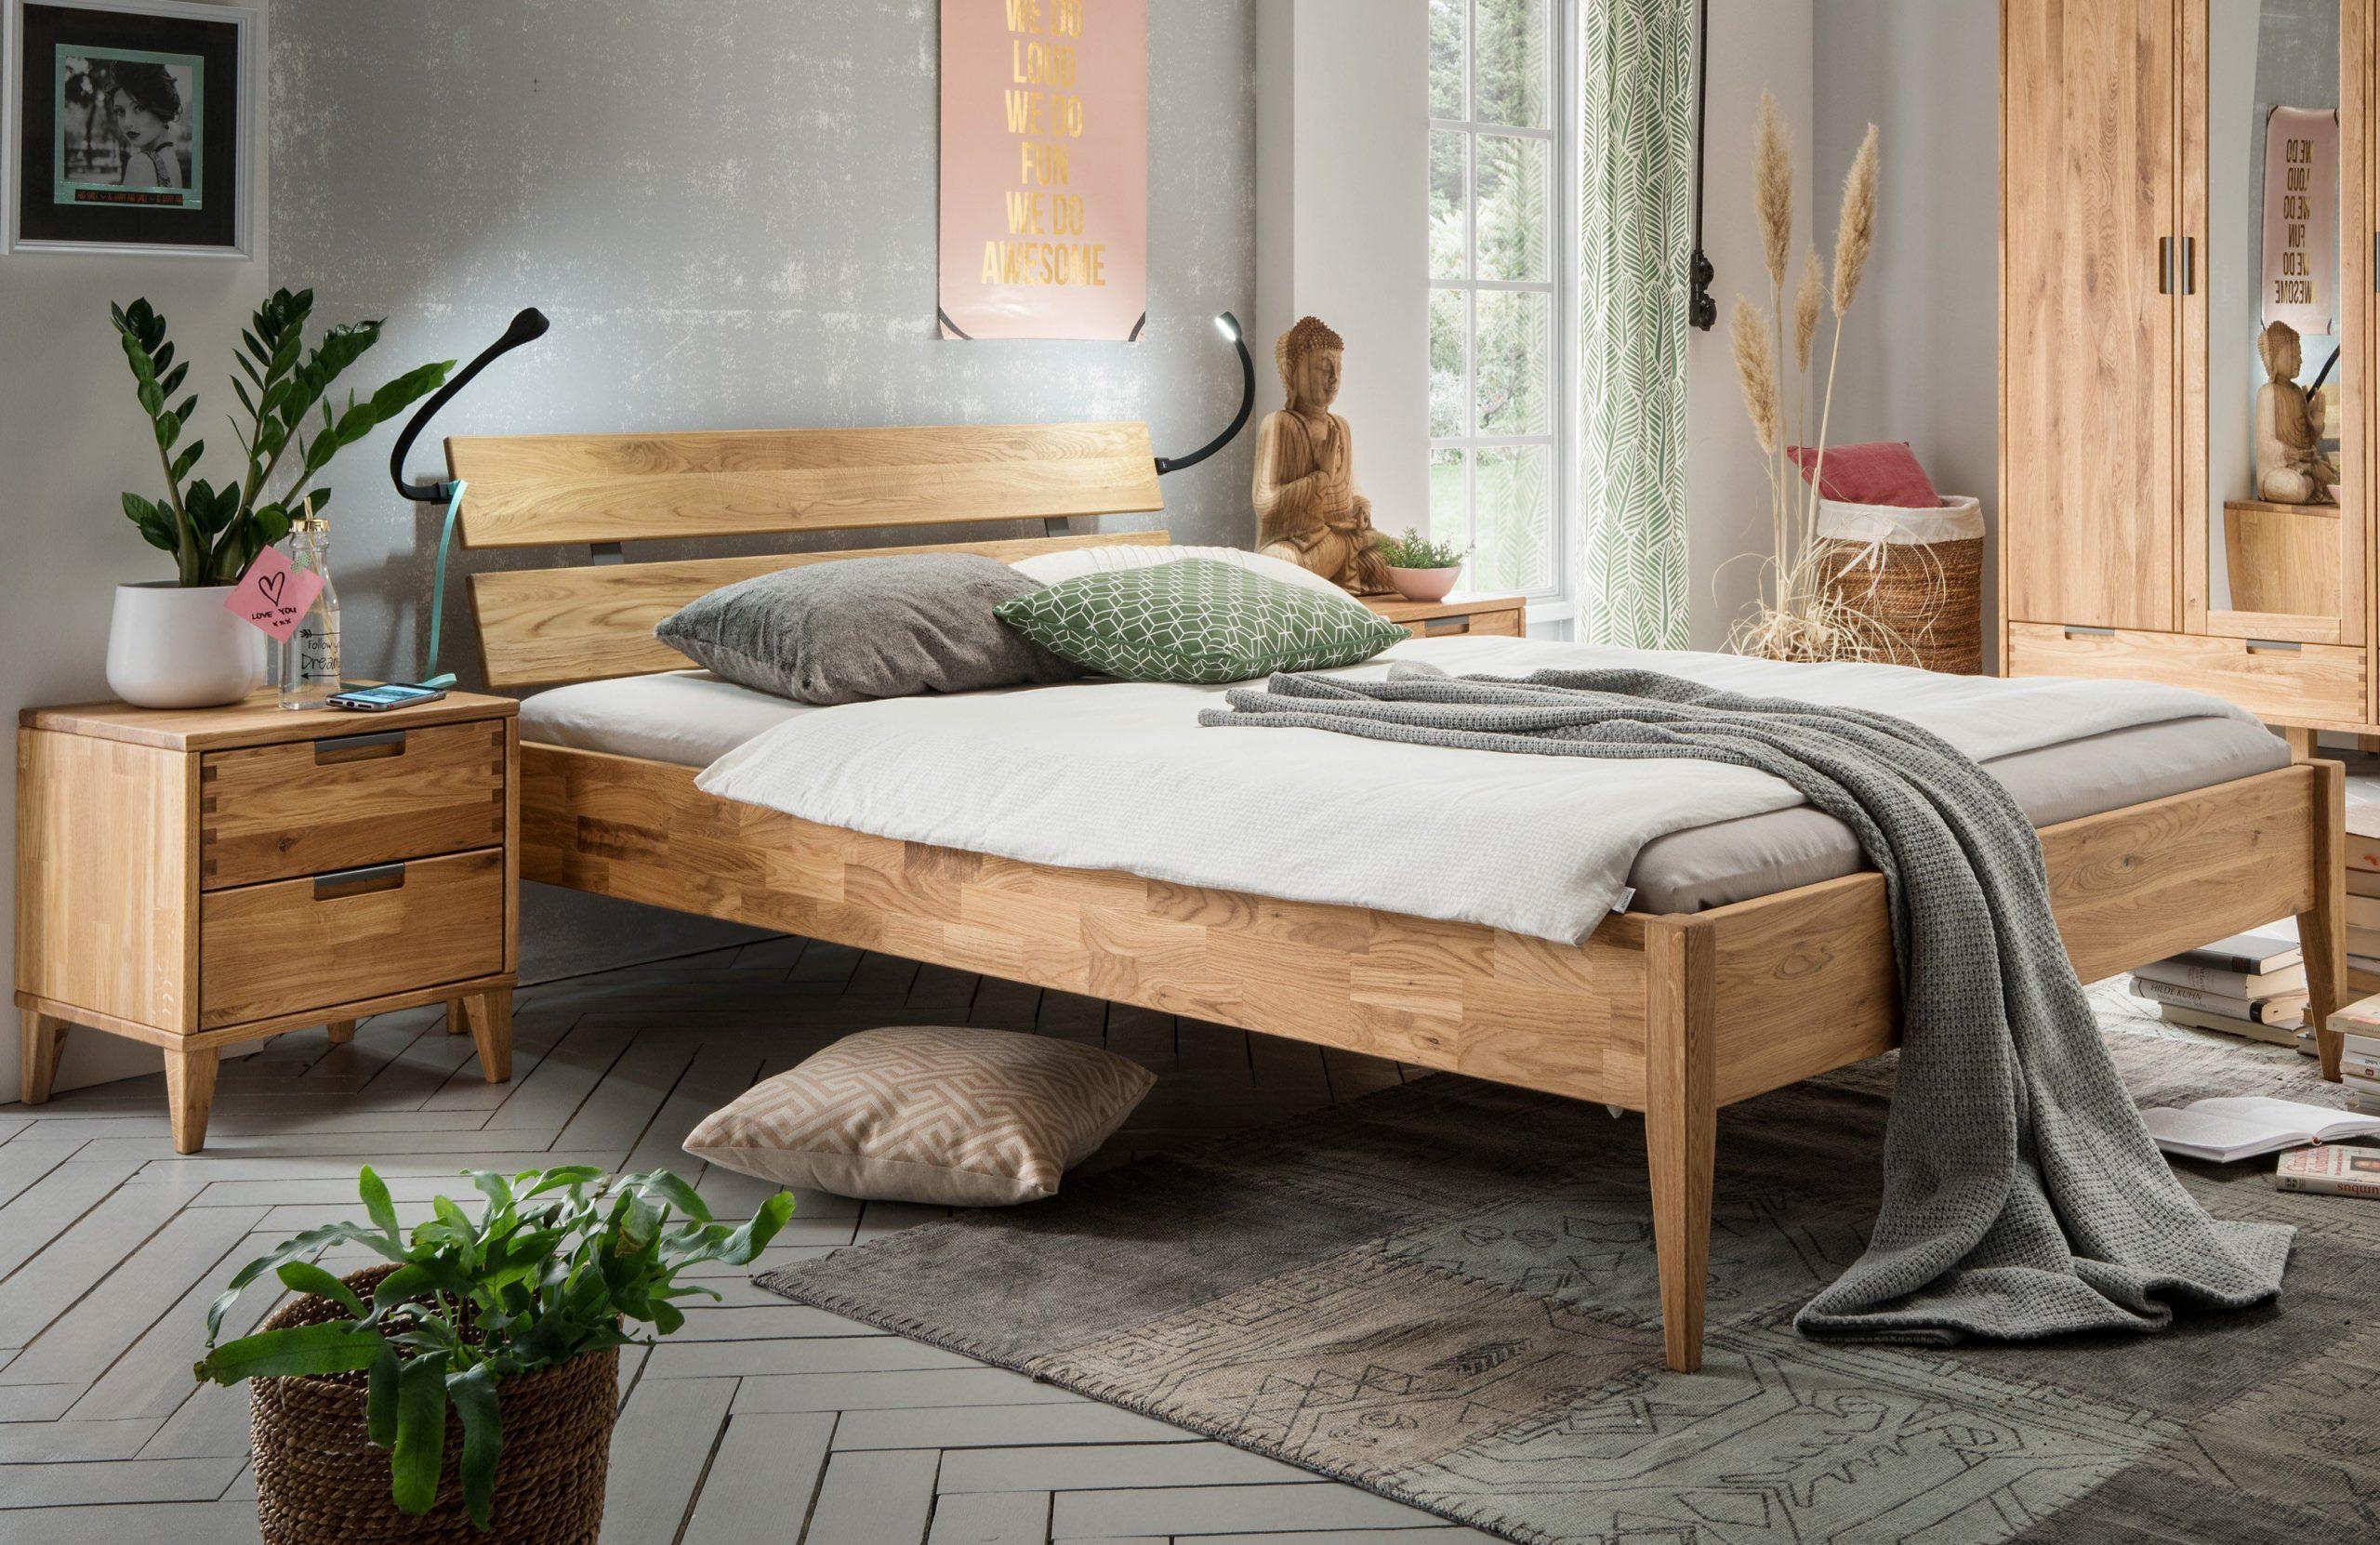 Full Size of Bett Mido Von Skalik Eiche Gelt Natur Mbel Letz Ihr Online Shop Holzhäuser Garten Holzregal Badezimmer Esstisch Massivholz Ausziehbar Betten Kaufen 140x200 Bett Betten Holz